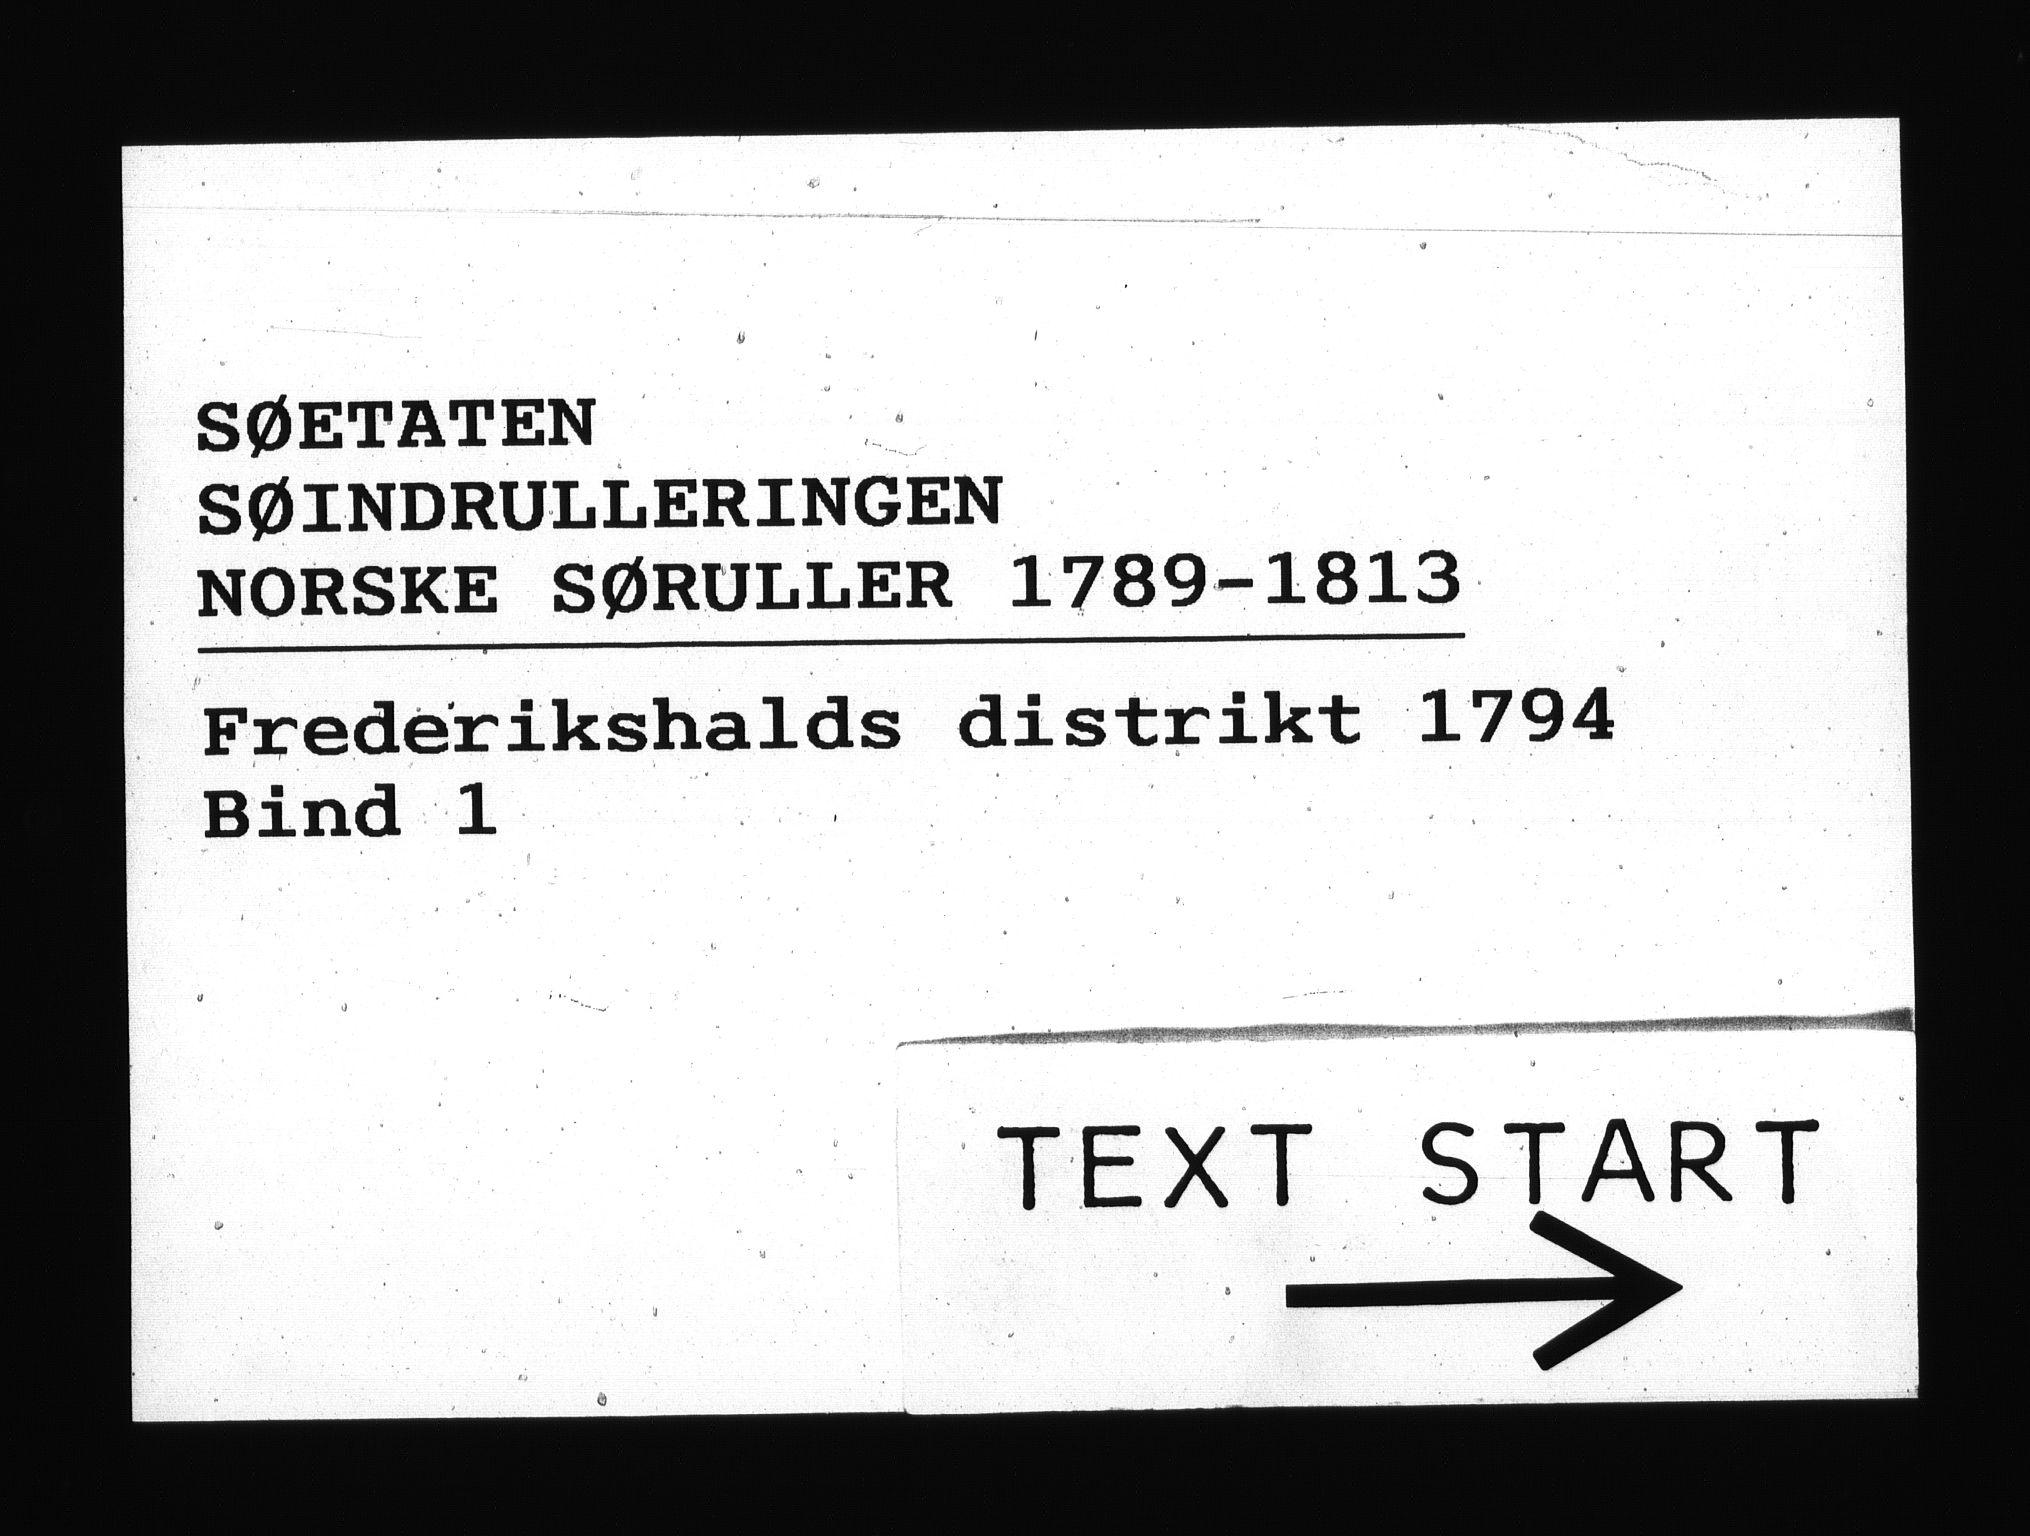 RA, Sjøetaten, F/L0175: Fredrikshalds distrikt, bind 1, 1794